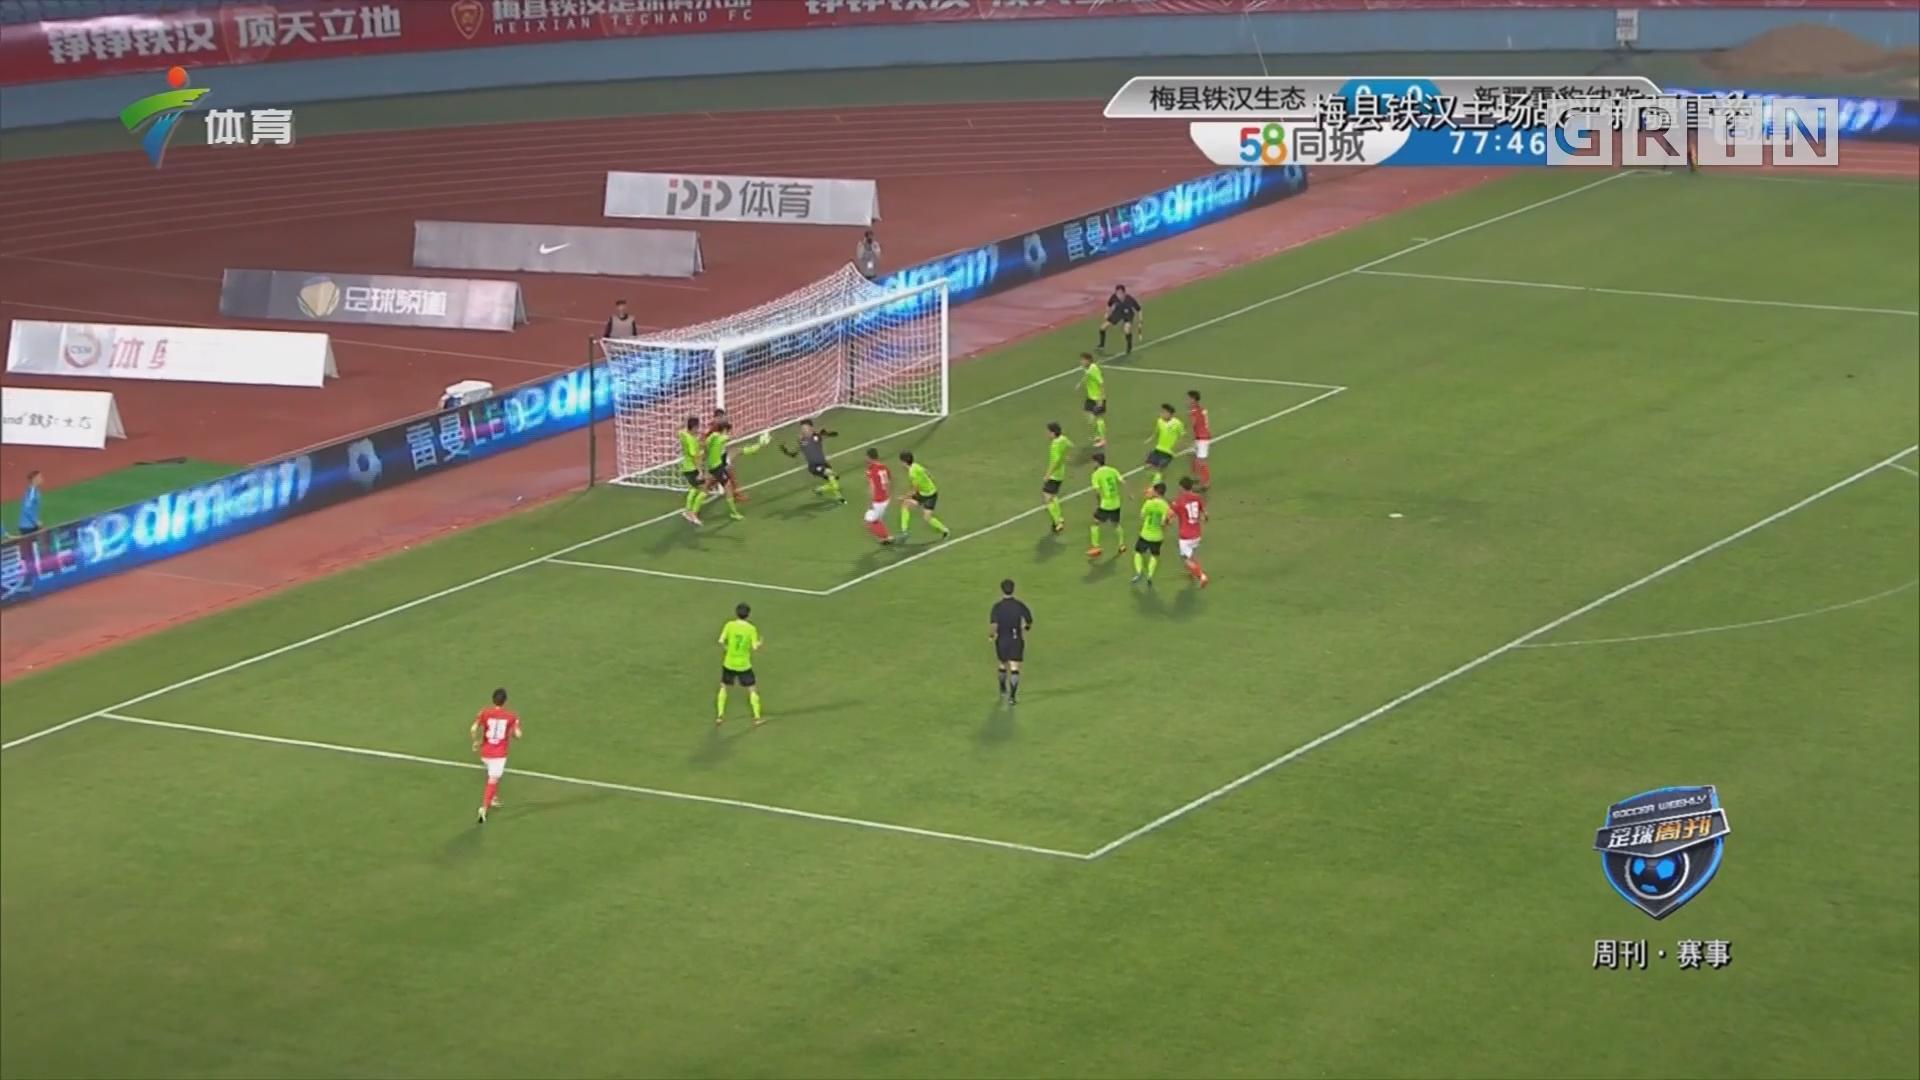 中韩对抗 中超球队占上风